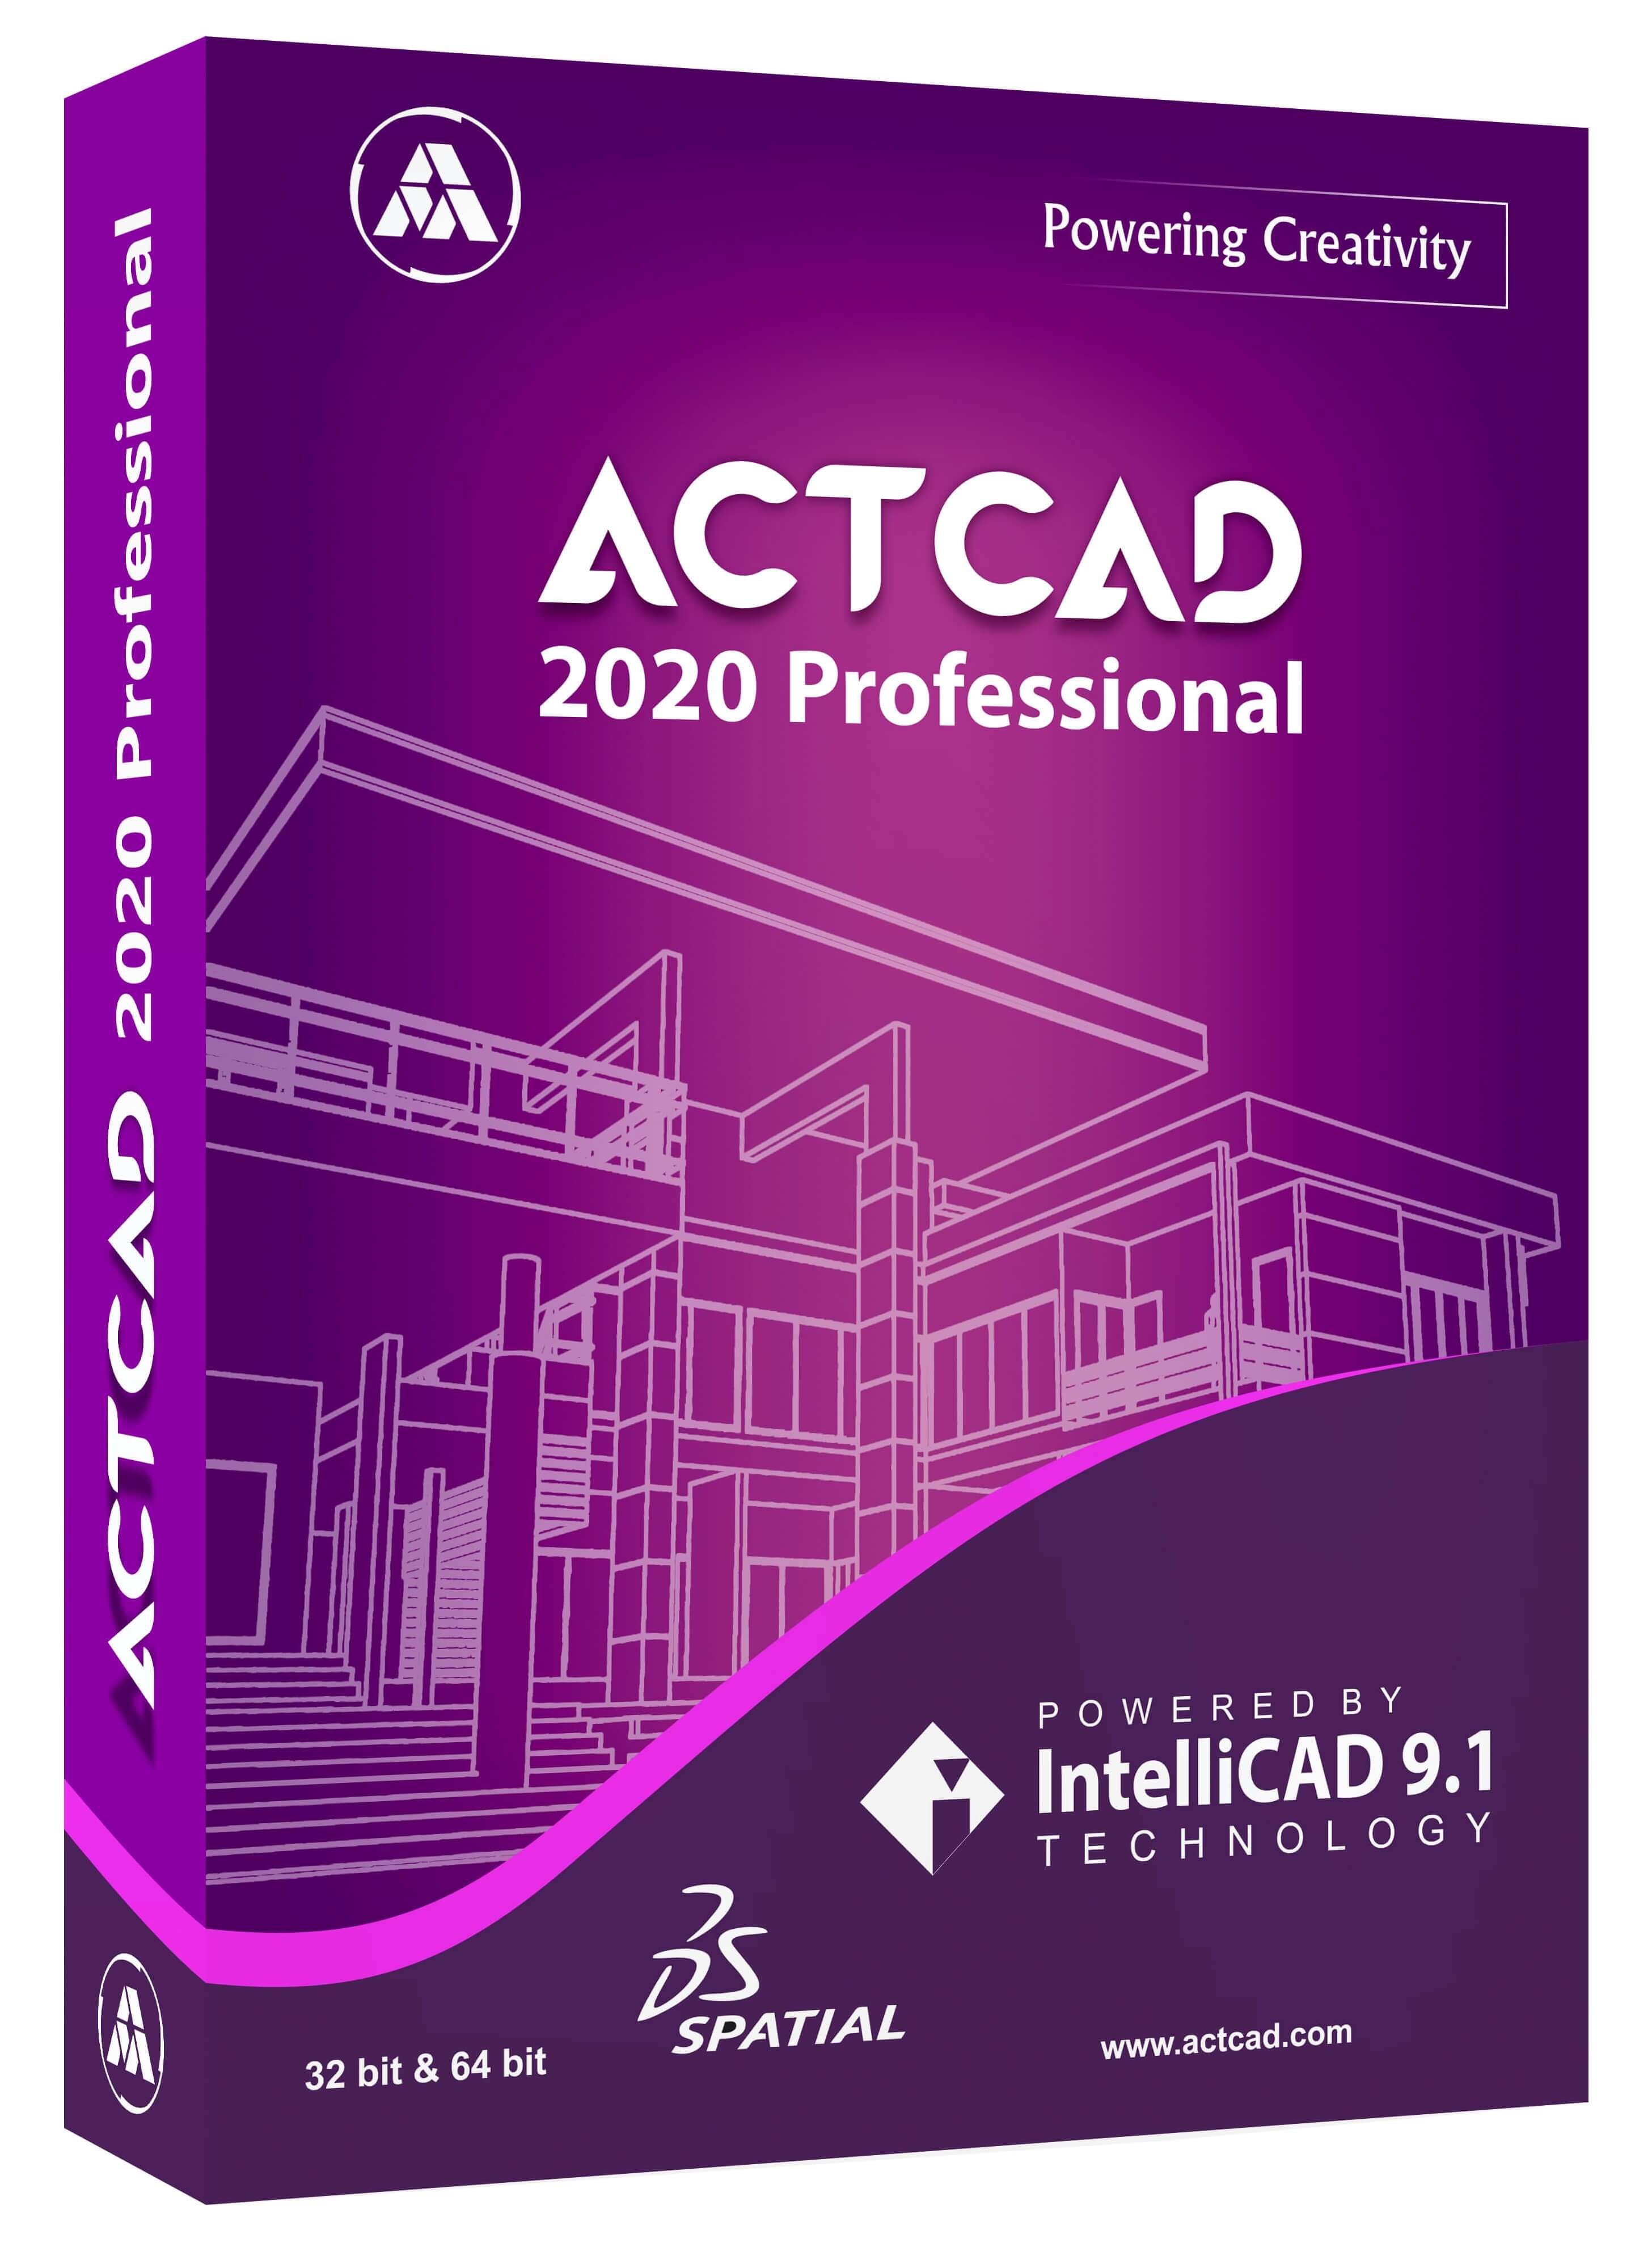 Download - ActCAD Software | IntelliCAD | AUTOCAD Alternative